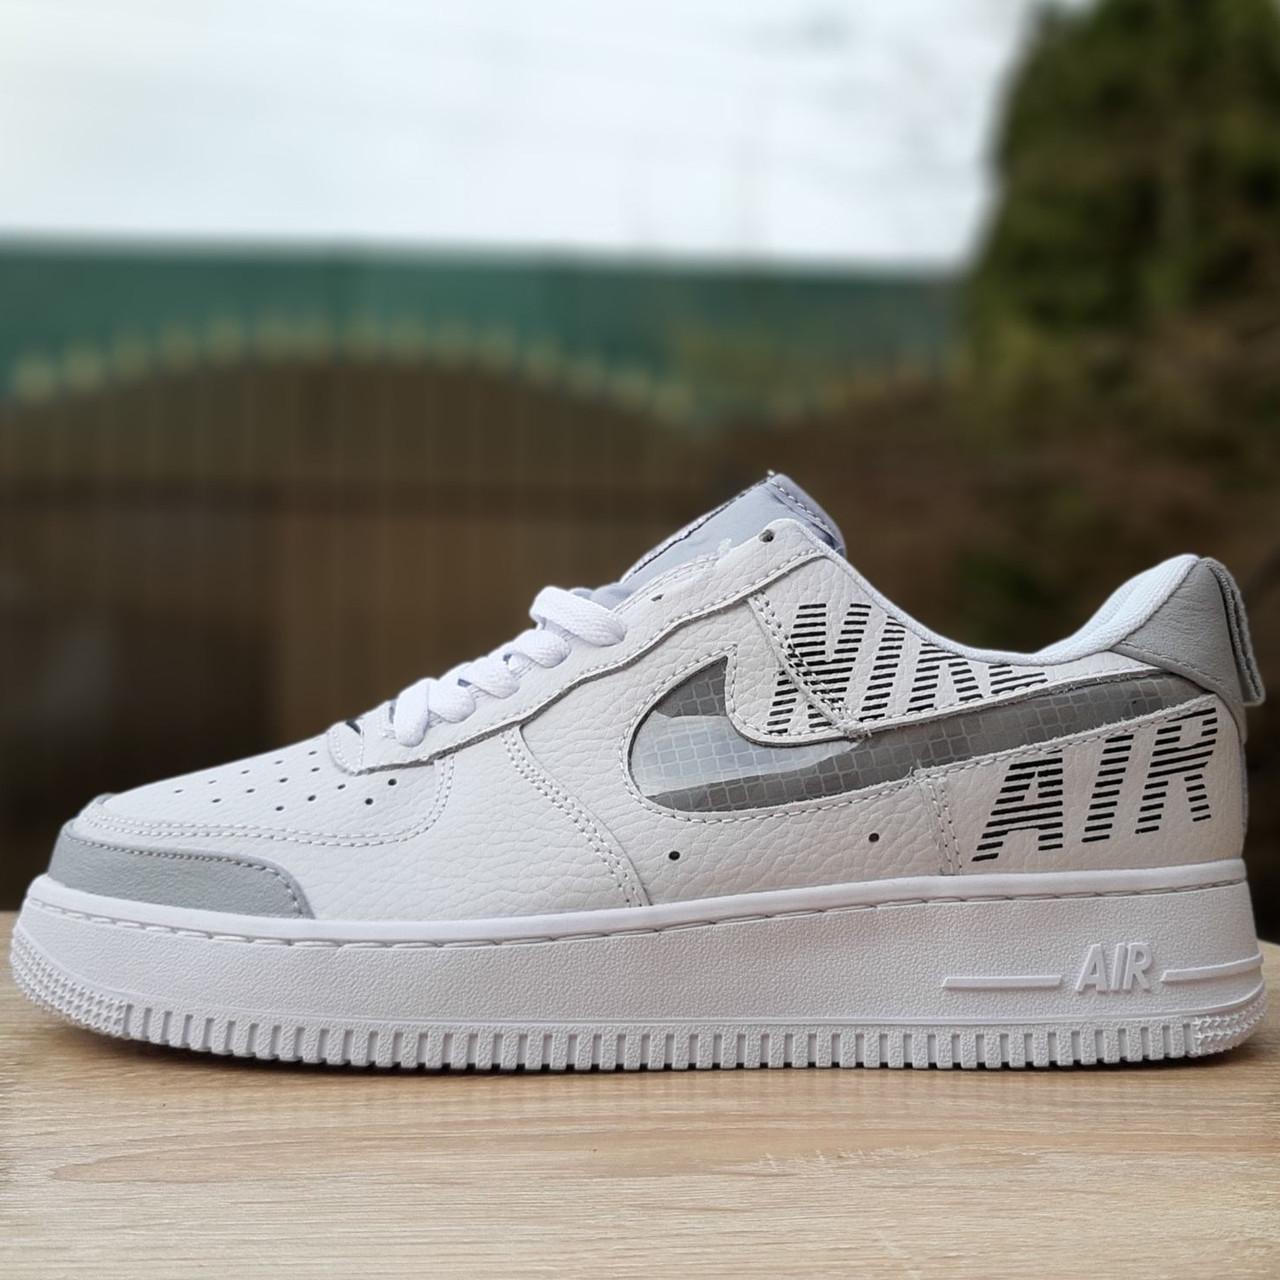 Кроссовки мужские Nike Air Force 1' 07 (Рефлектив) низкие белые с серым (Top replic)